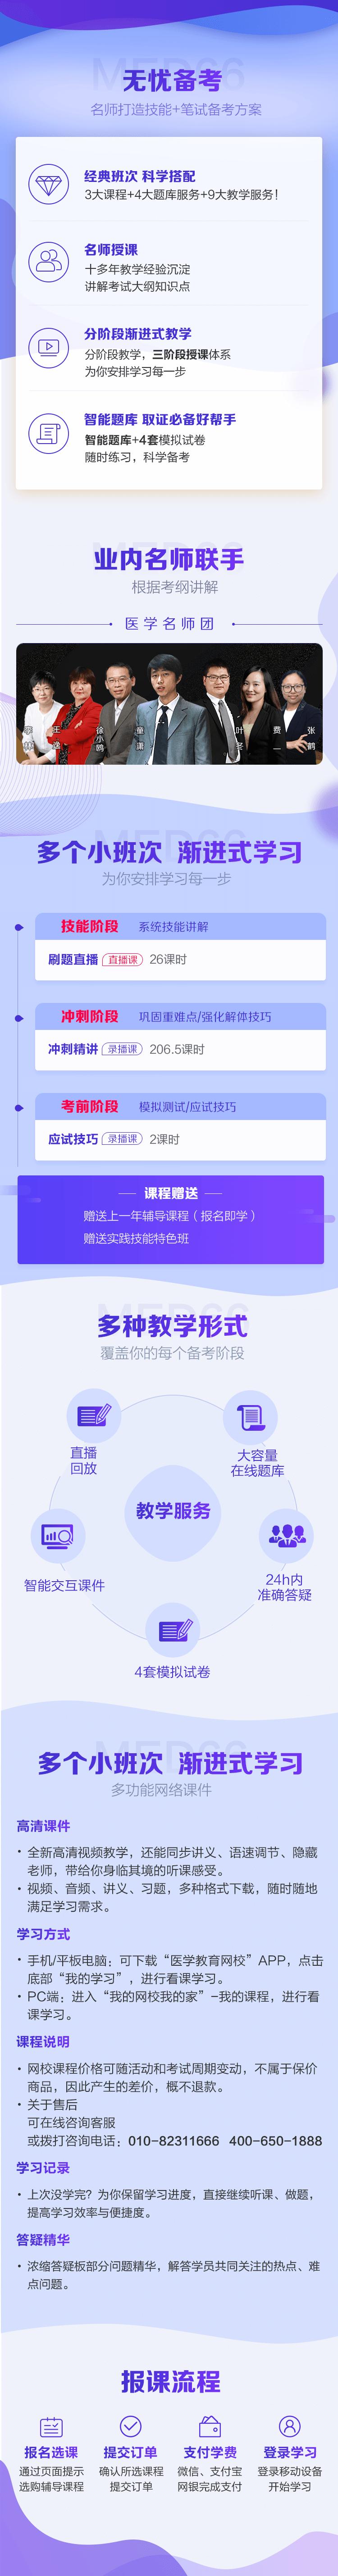 医学教育网公卫执业医师无忧实验班